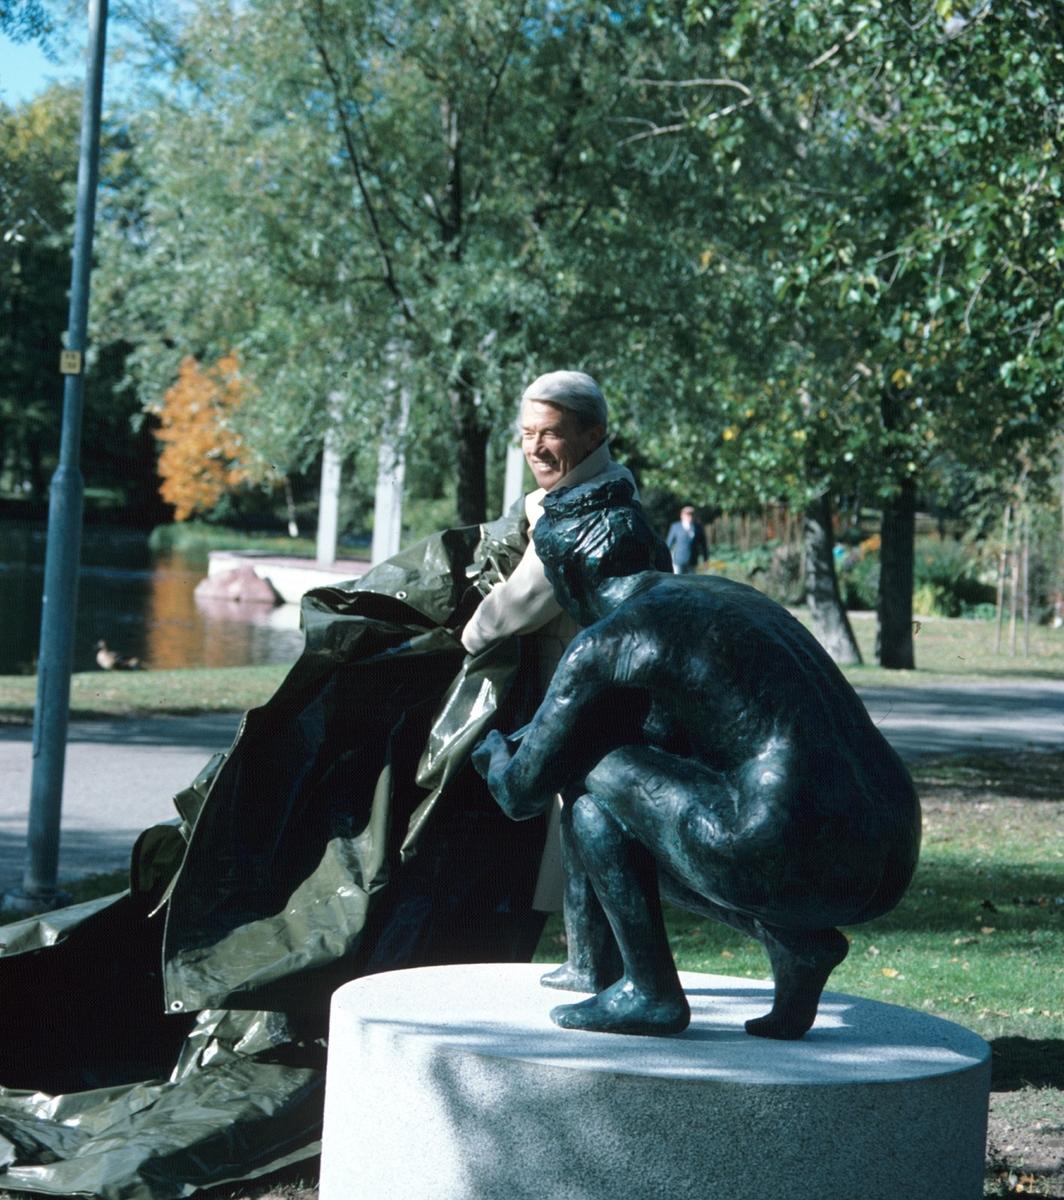 Åke Gillström invigning av staty, Premiär av Torsten Fridh. Stadsparken. Vid ingången från Kvarnparken.